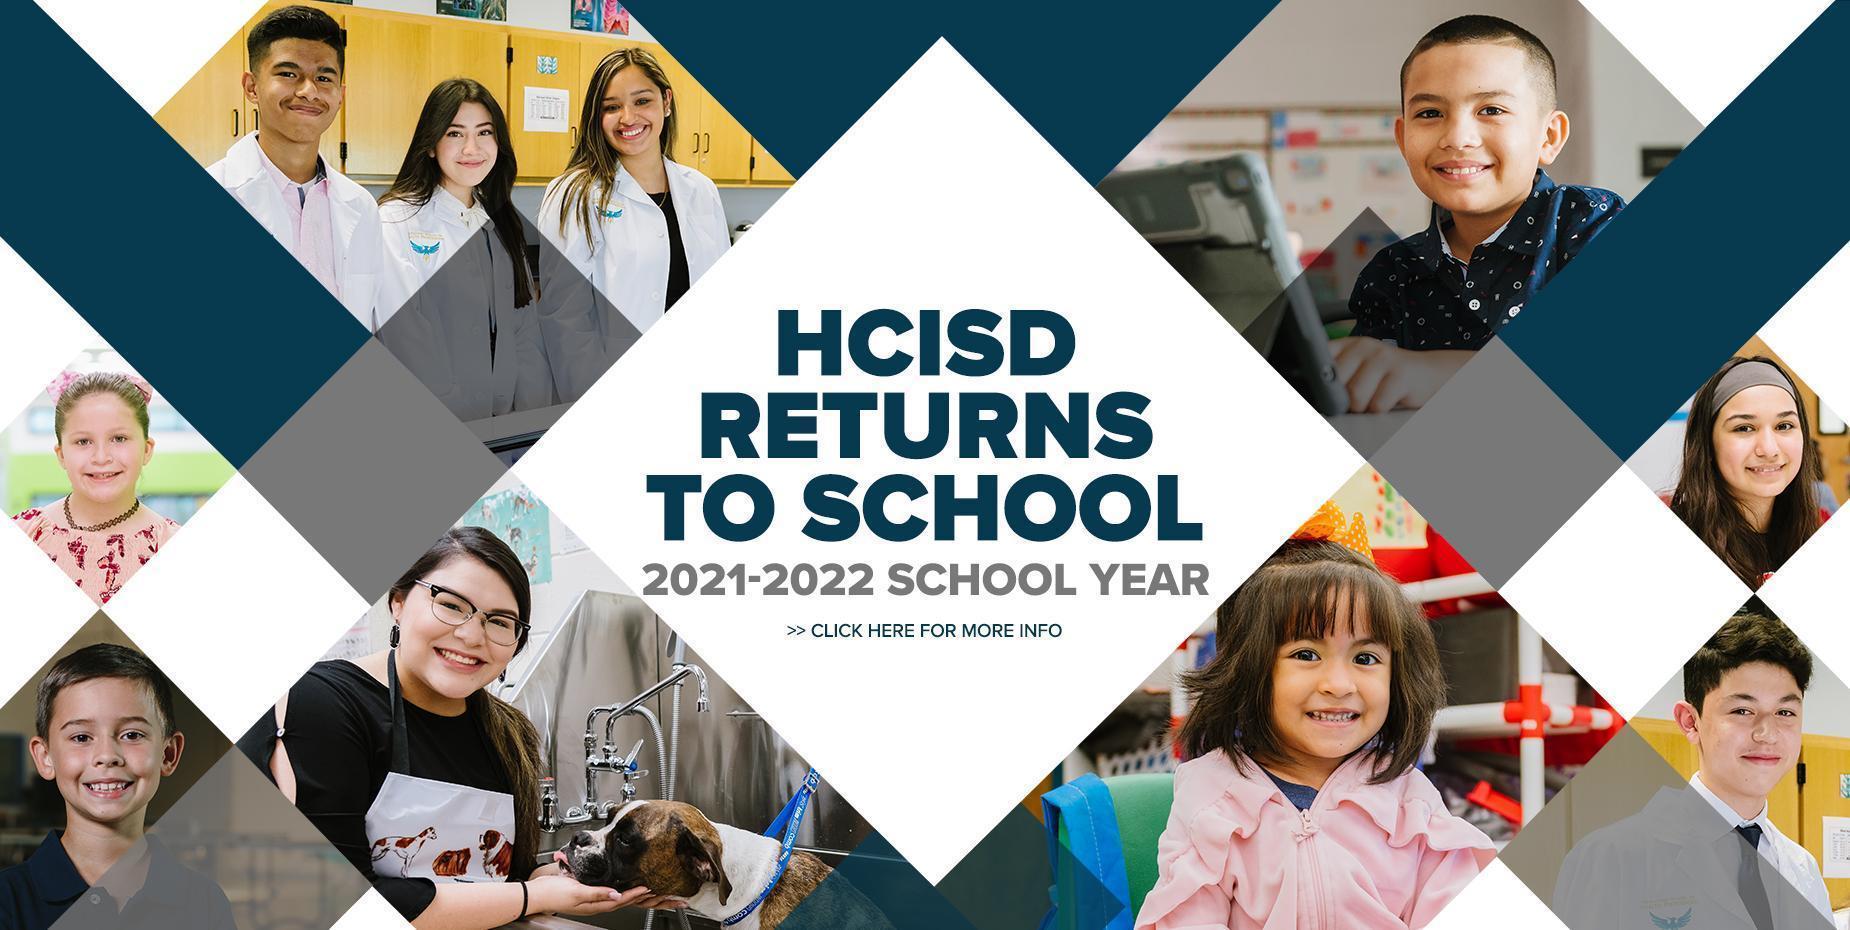 HCISD Returns to School